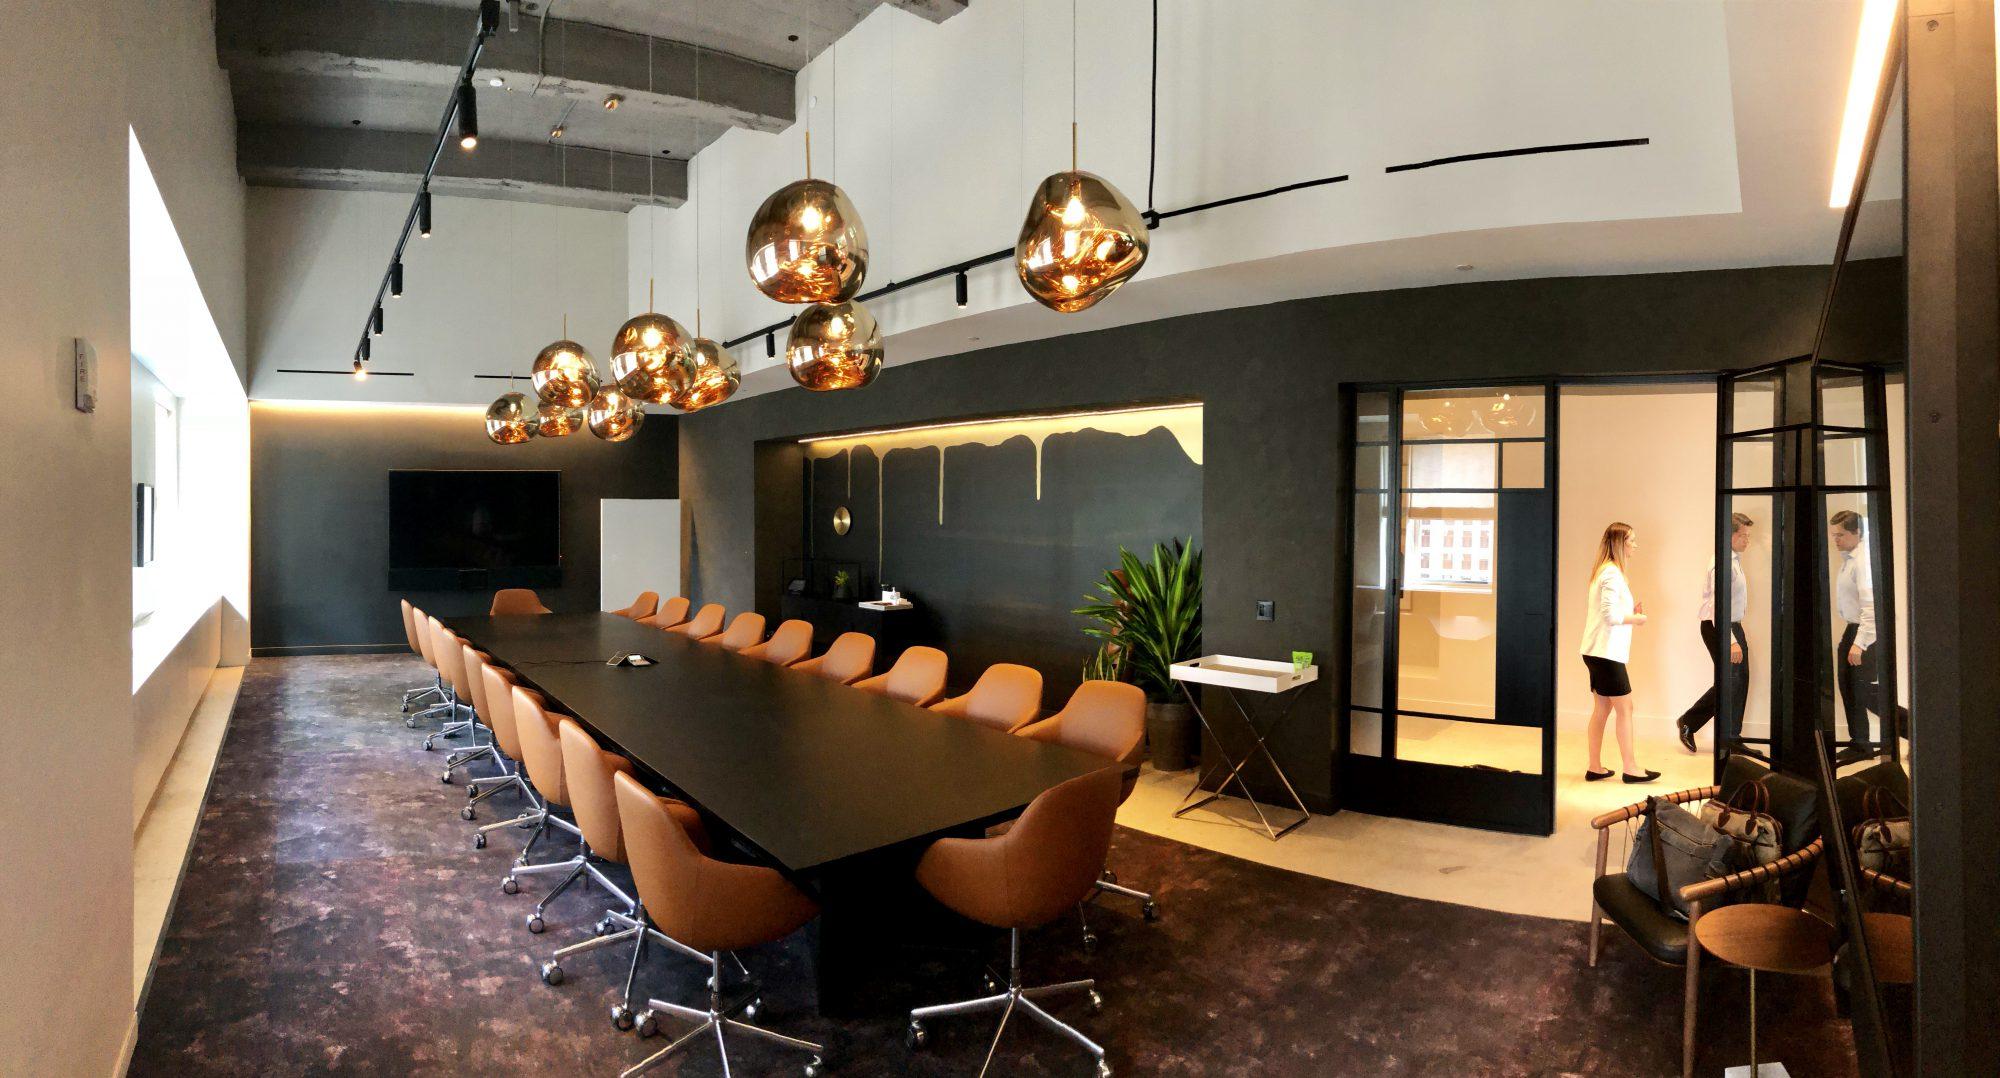 Meeting space in midtown Manhattan